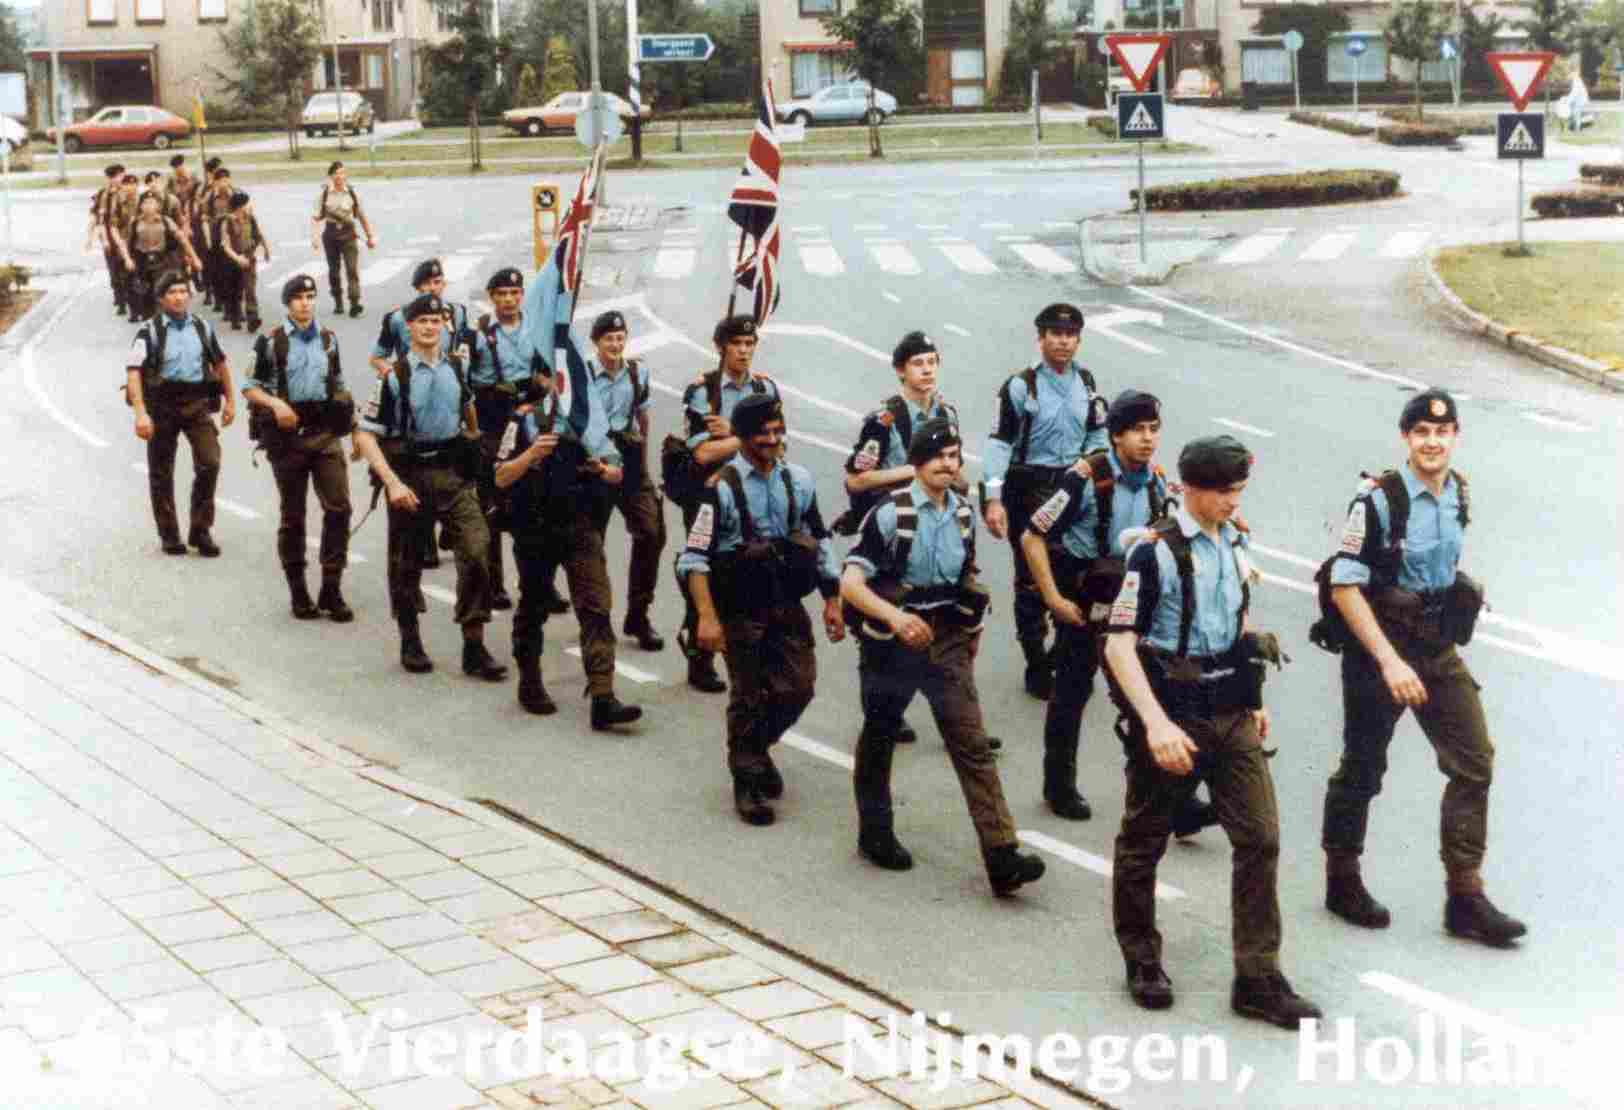 Nijmegen team